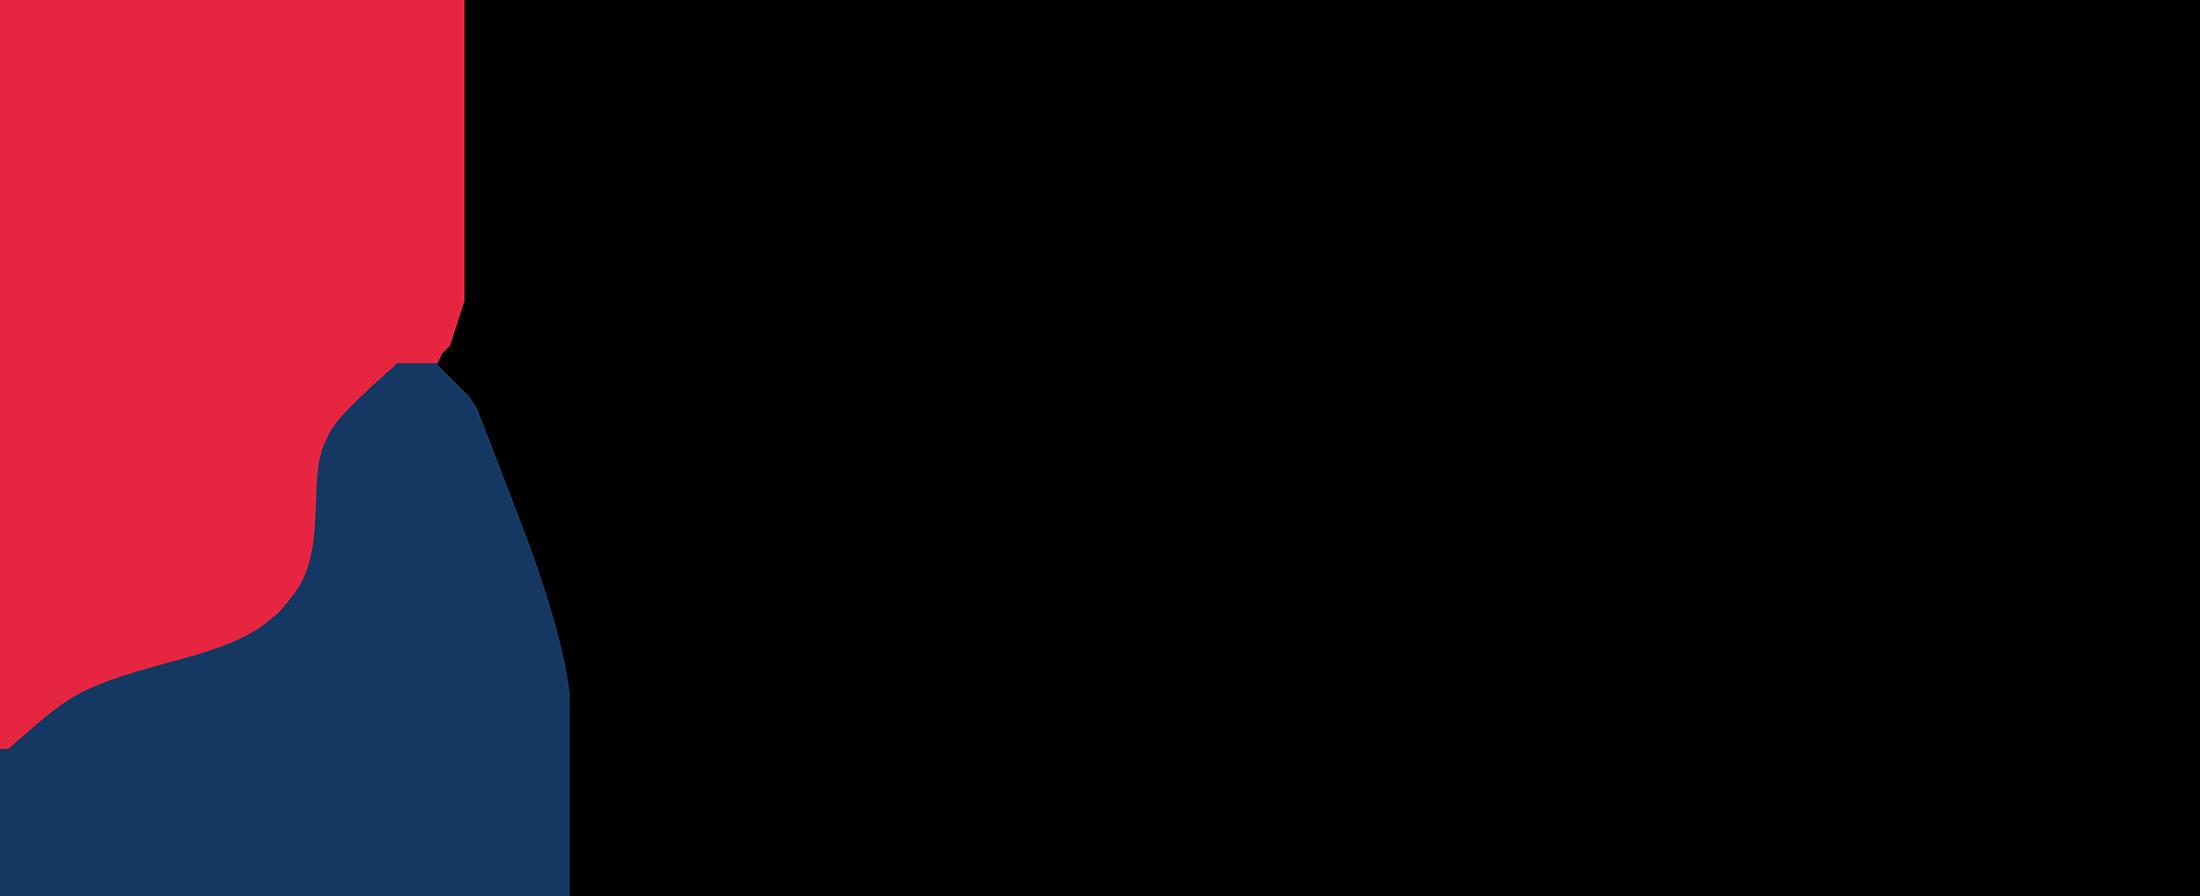 wide logo. Grafikk